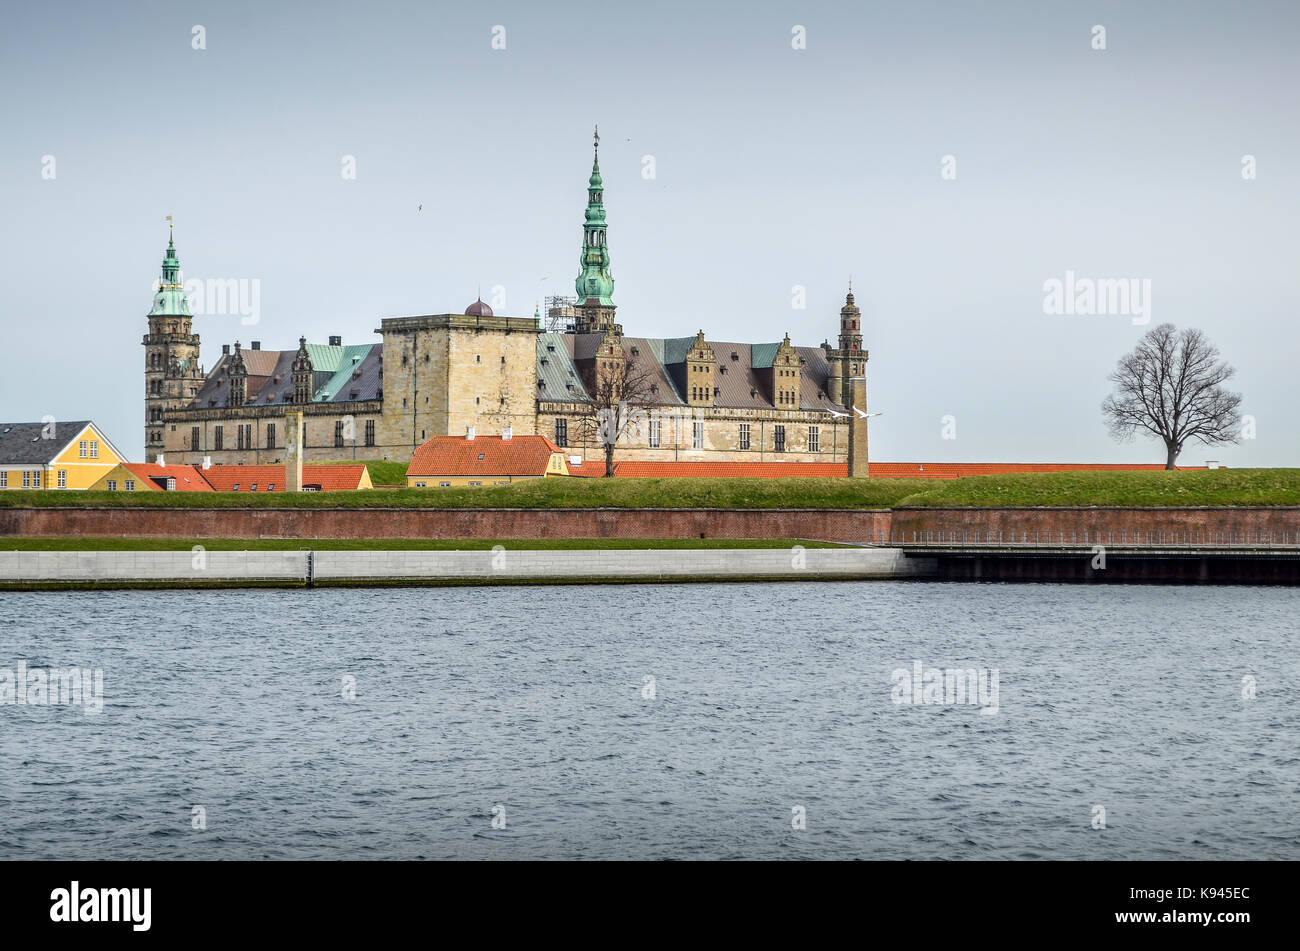 Exterior view of Kronborg Castle, Helsingor, Denmark seen from across the moat. - Stock Image